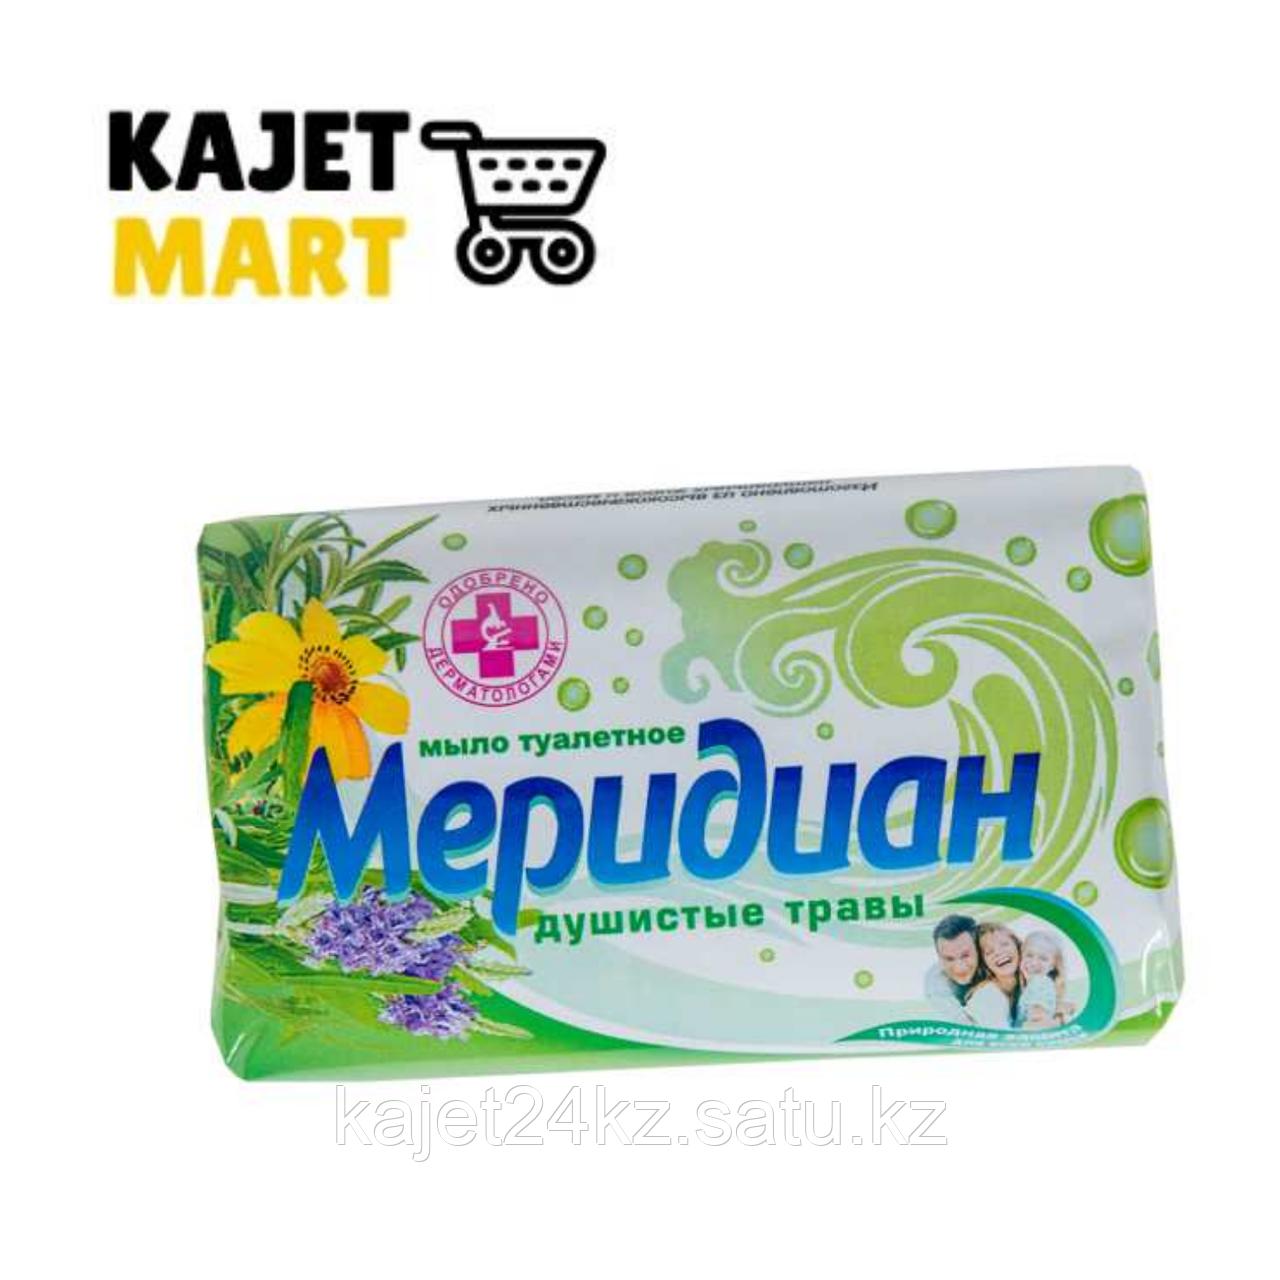 """Мыло туалетное """"Меридиан"""" душистые травы 100гр"""